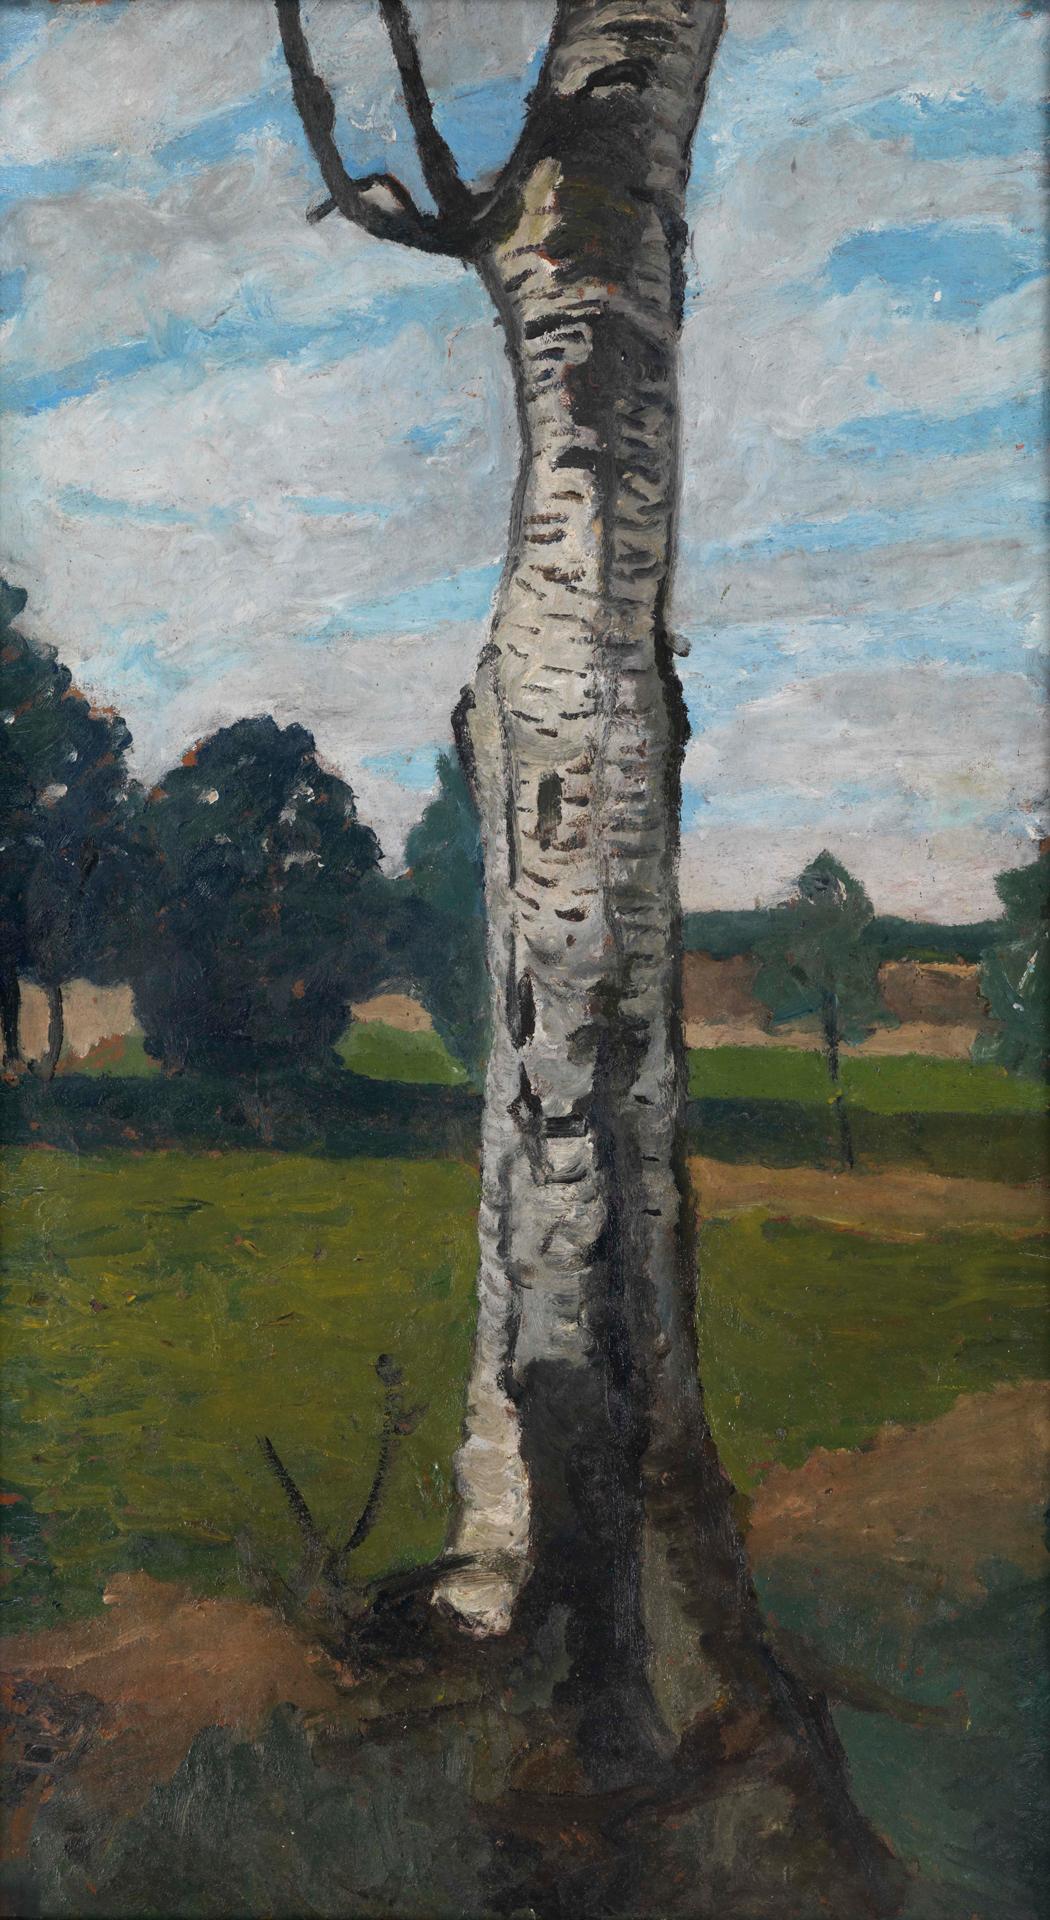 Paula Modersohn-Becker, Landschaft mit Birkenstamm, um 1901, Öl auf Karton, 68,3 x 38,2 cm